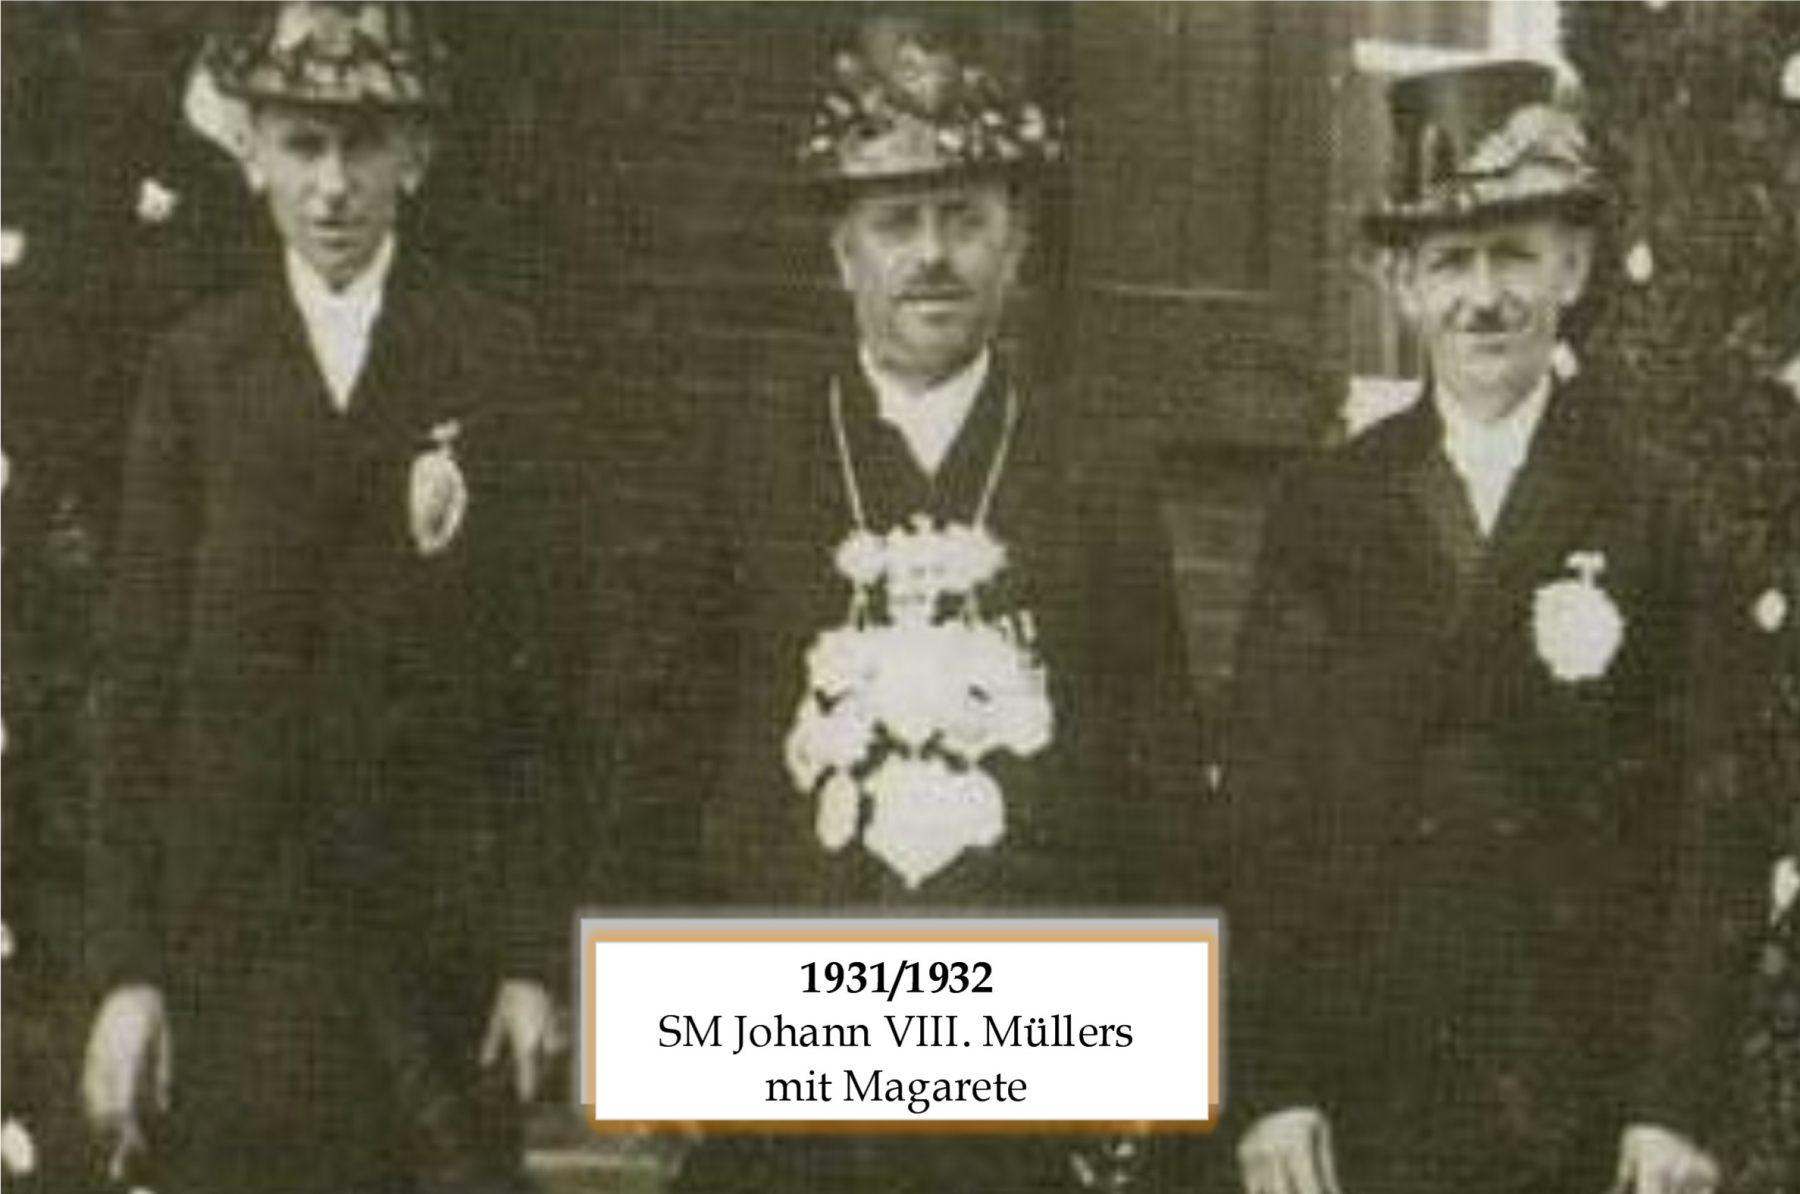 SM 1931/32 Johann VIII Müllers mit Magarete